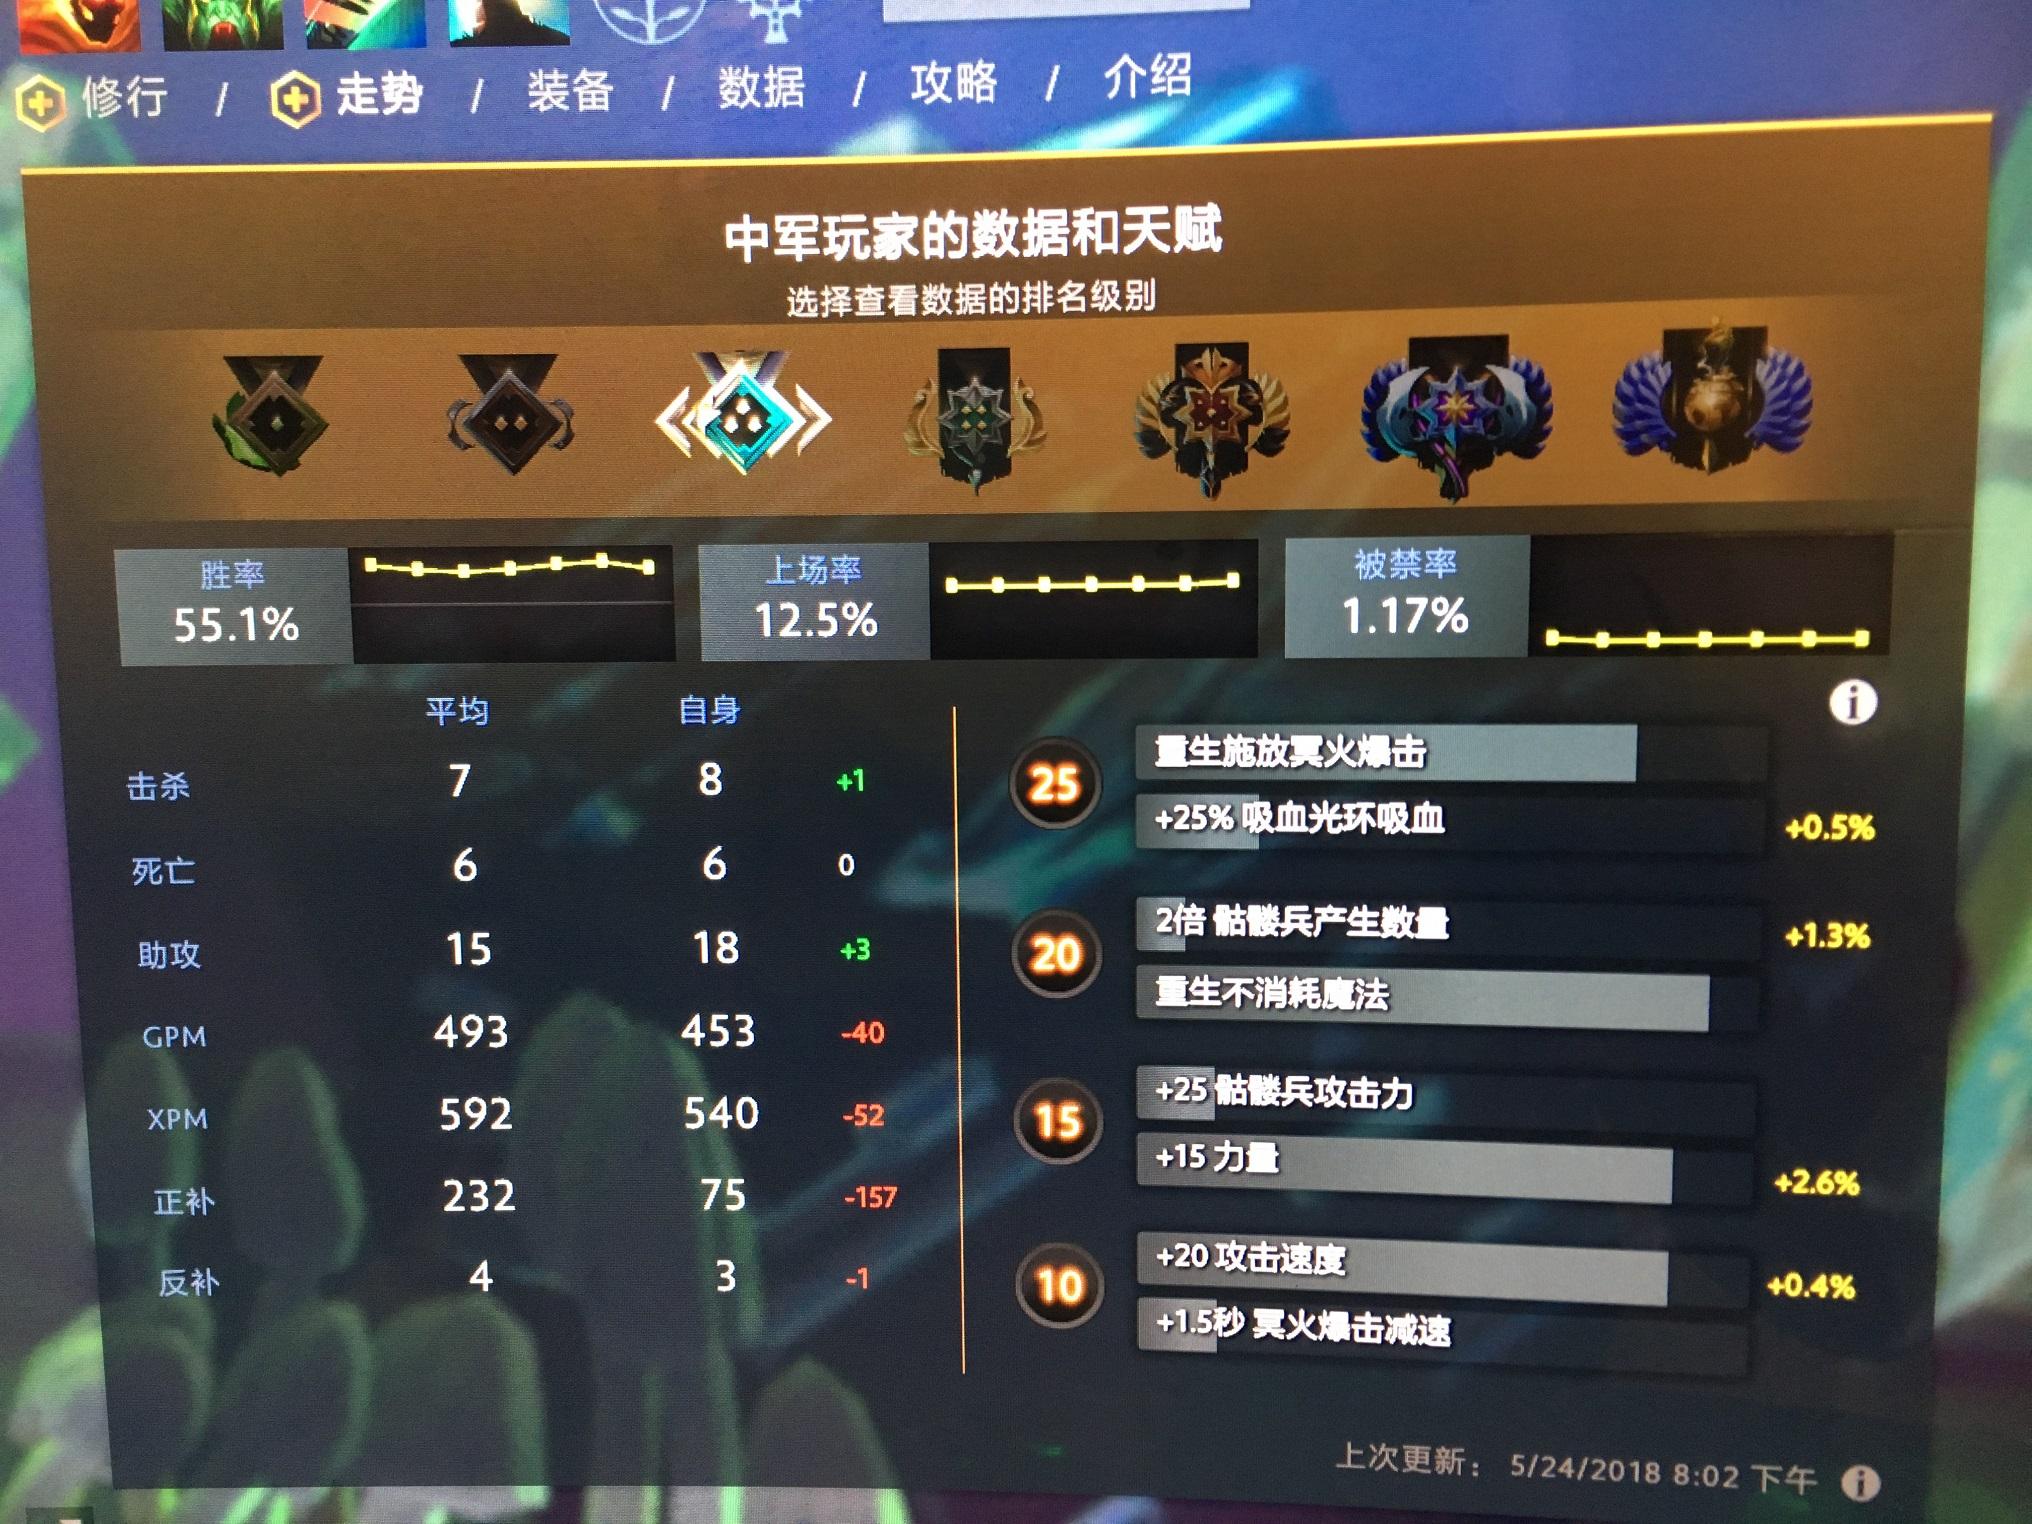 中军胜率.jpg